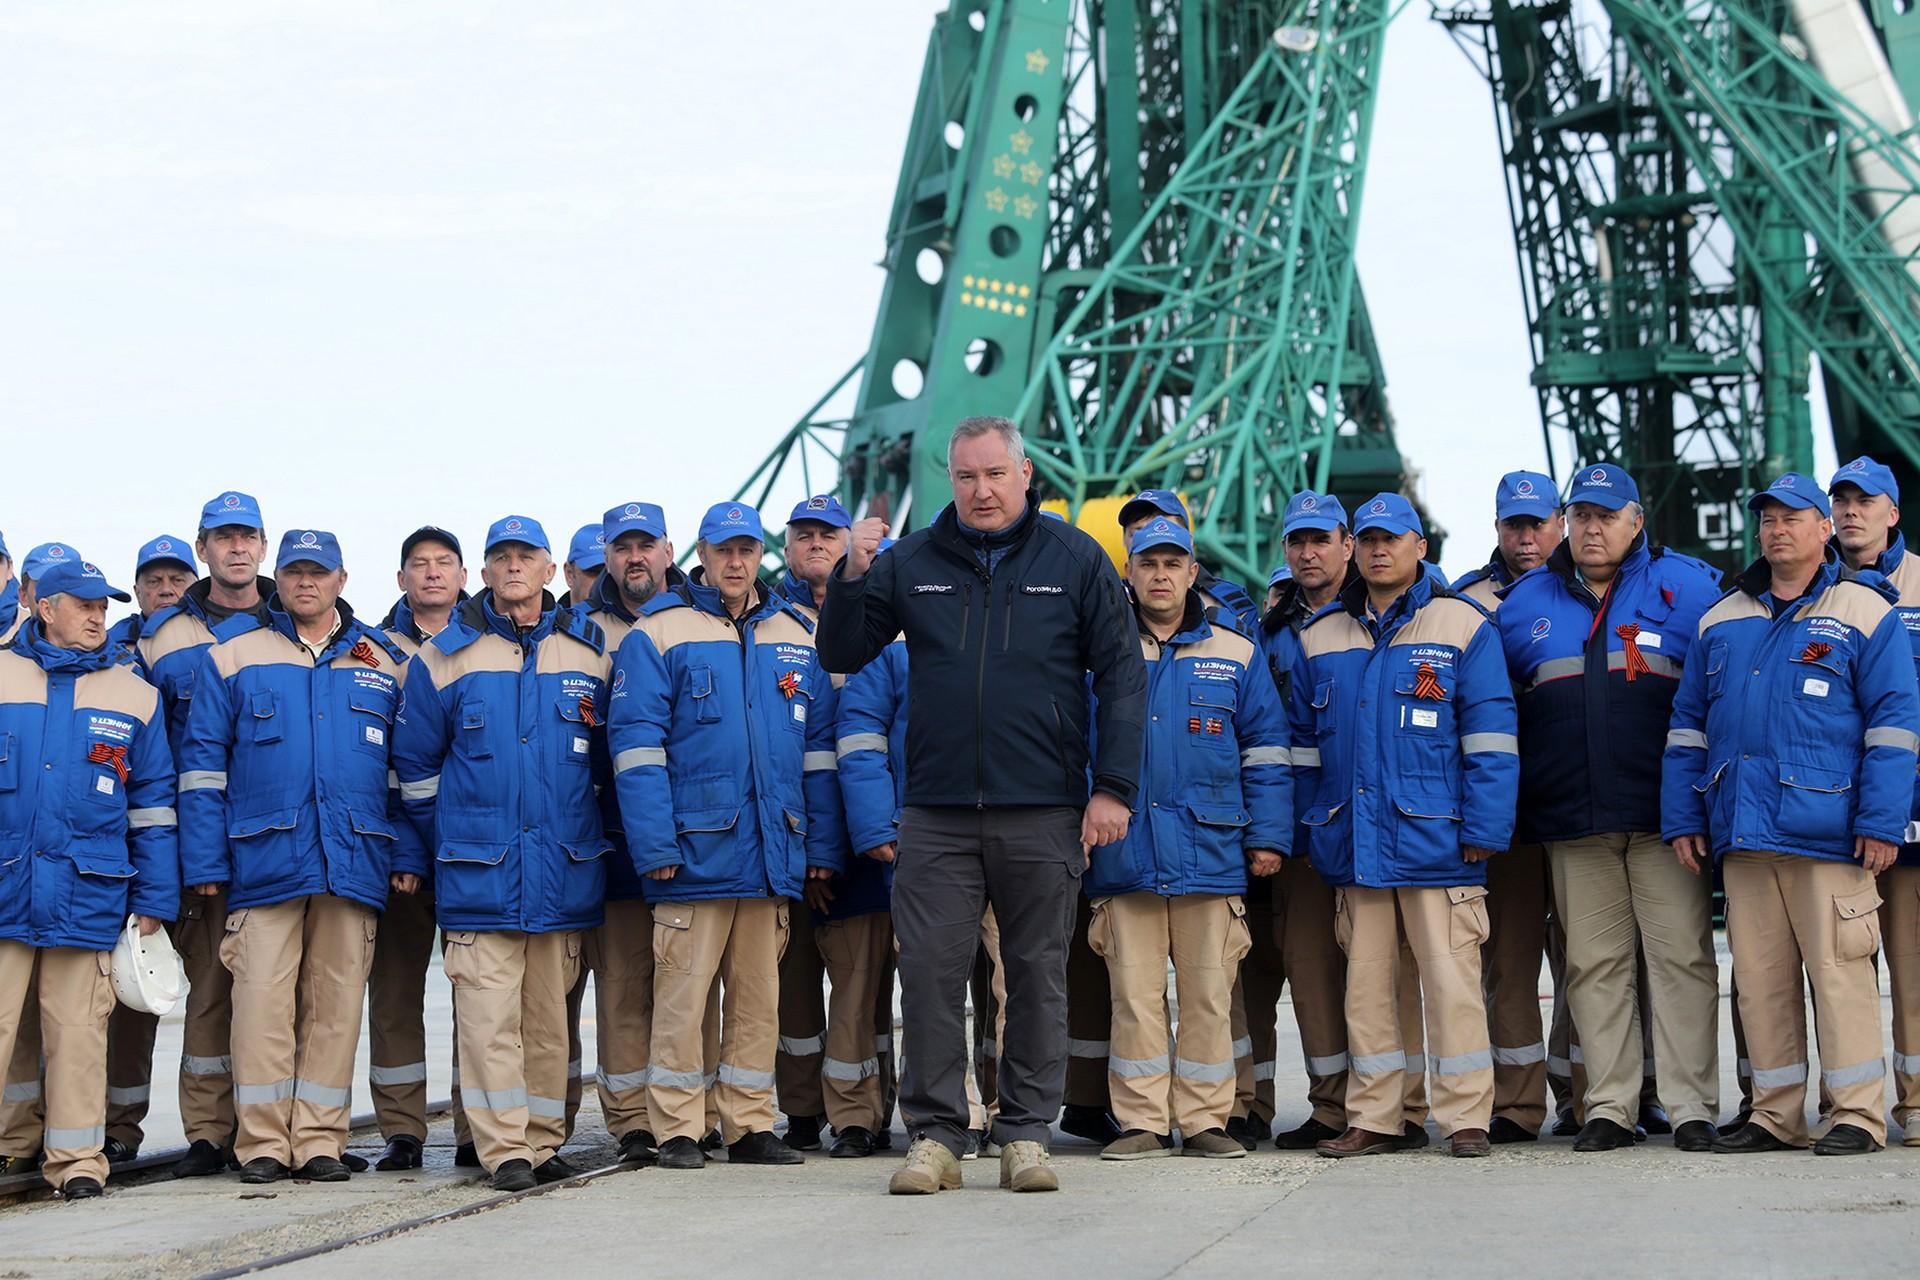 Поздравление главы администрации города Байконура с 29-летием со дня создания Госкорпорации по космической деятельности «Роскосмос».